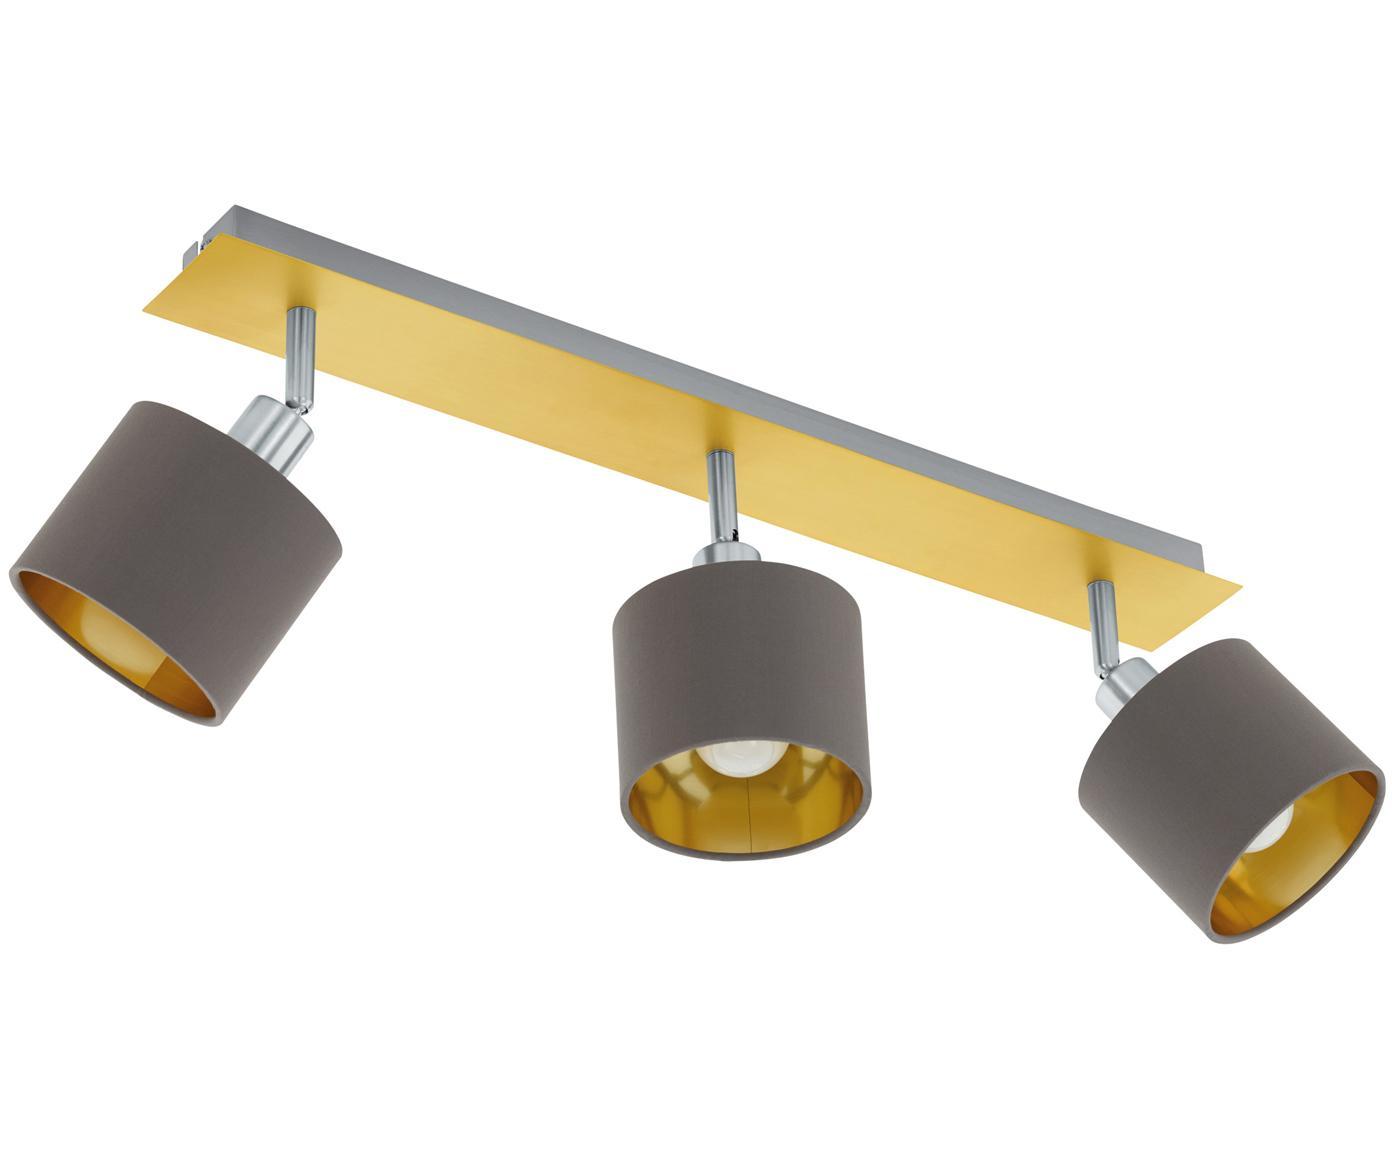 Lampa sufitowa Valbiano, Brązowy, odcienie złotego, S 56 x W 20 cm